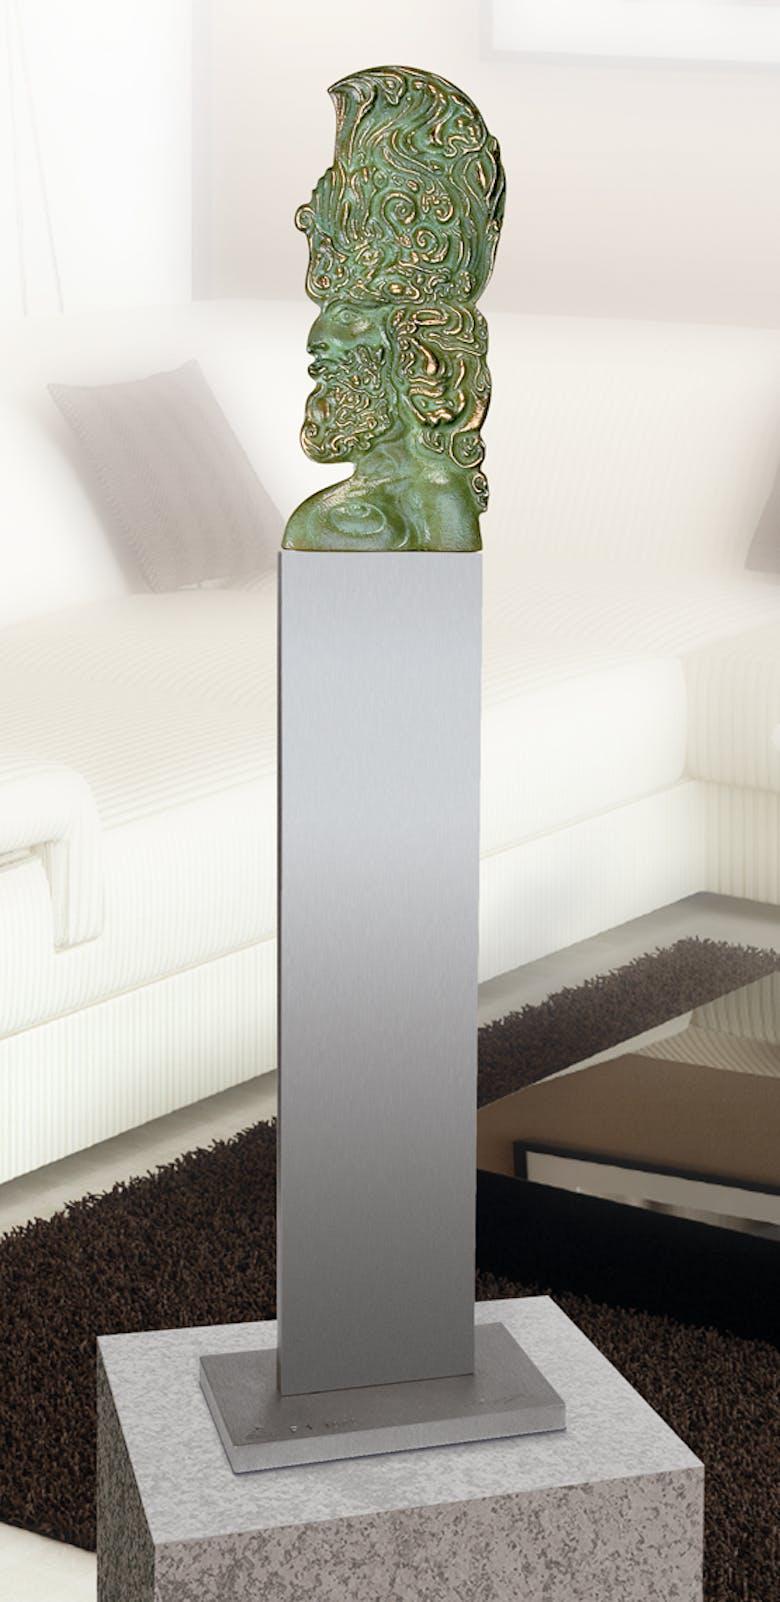 Bronzefigur Cherub, Tischvariante von Ernst Fuchs